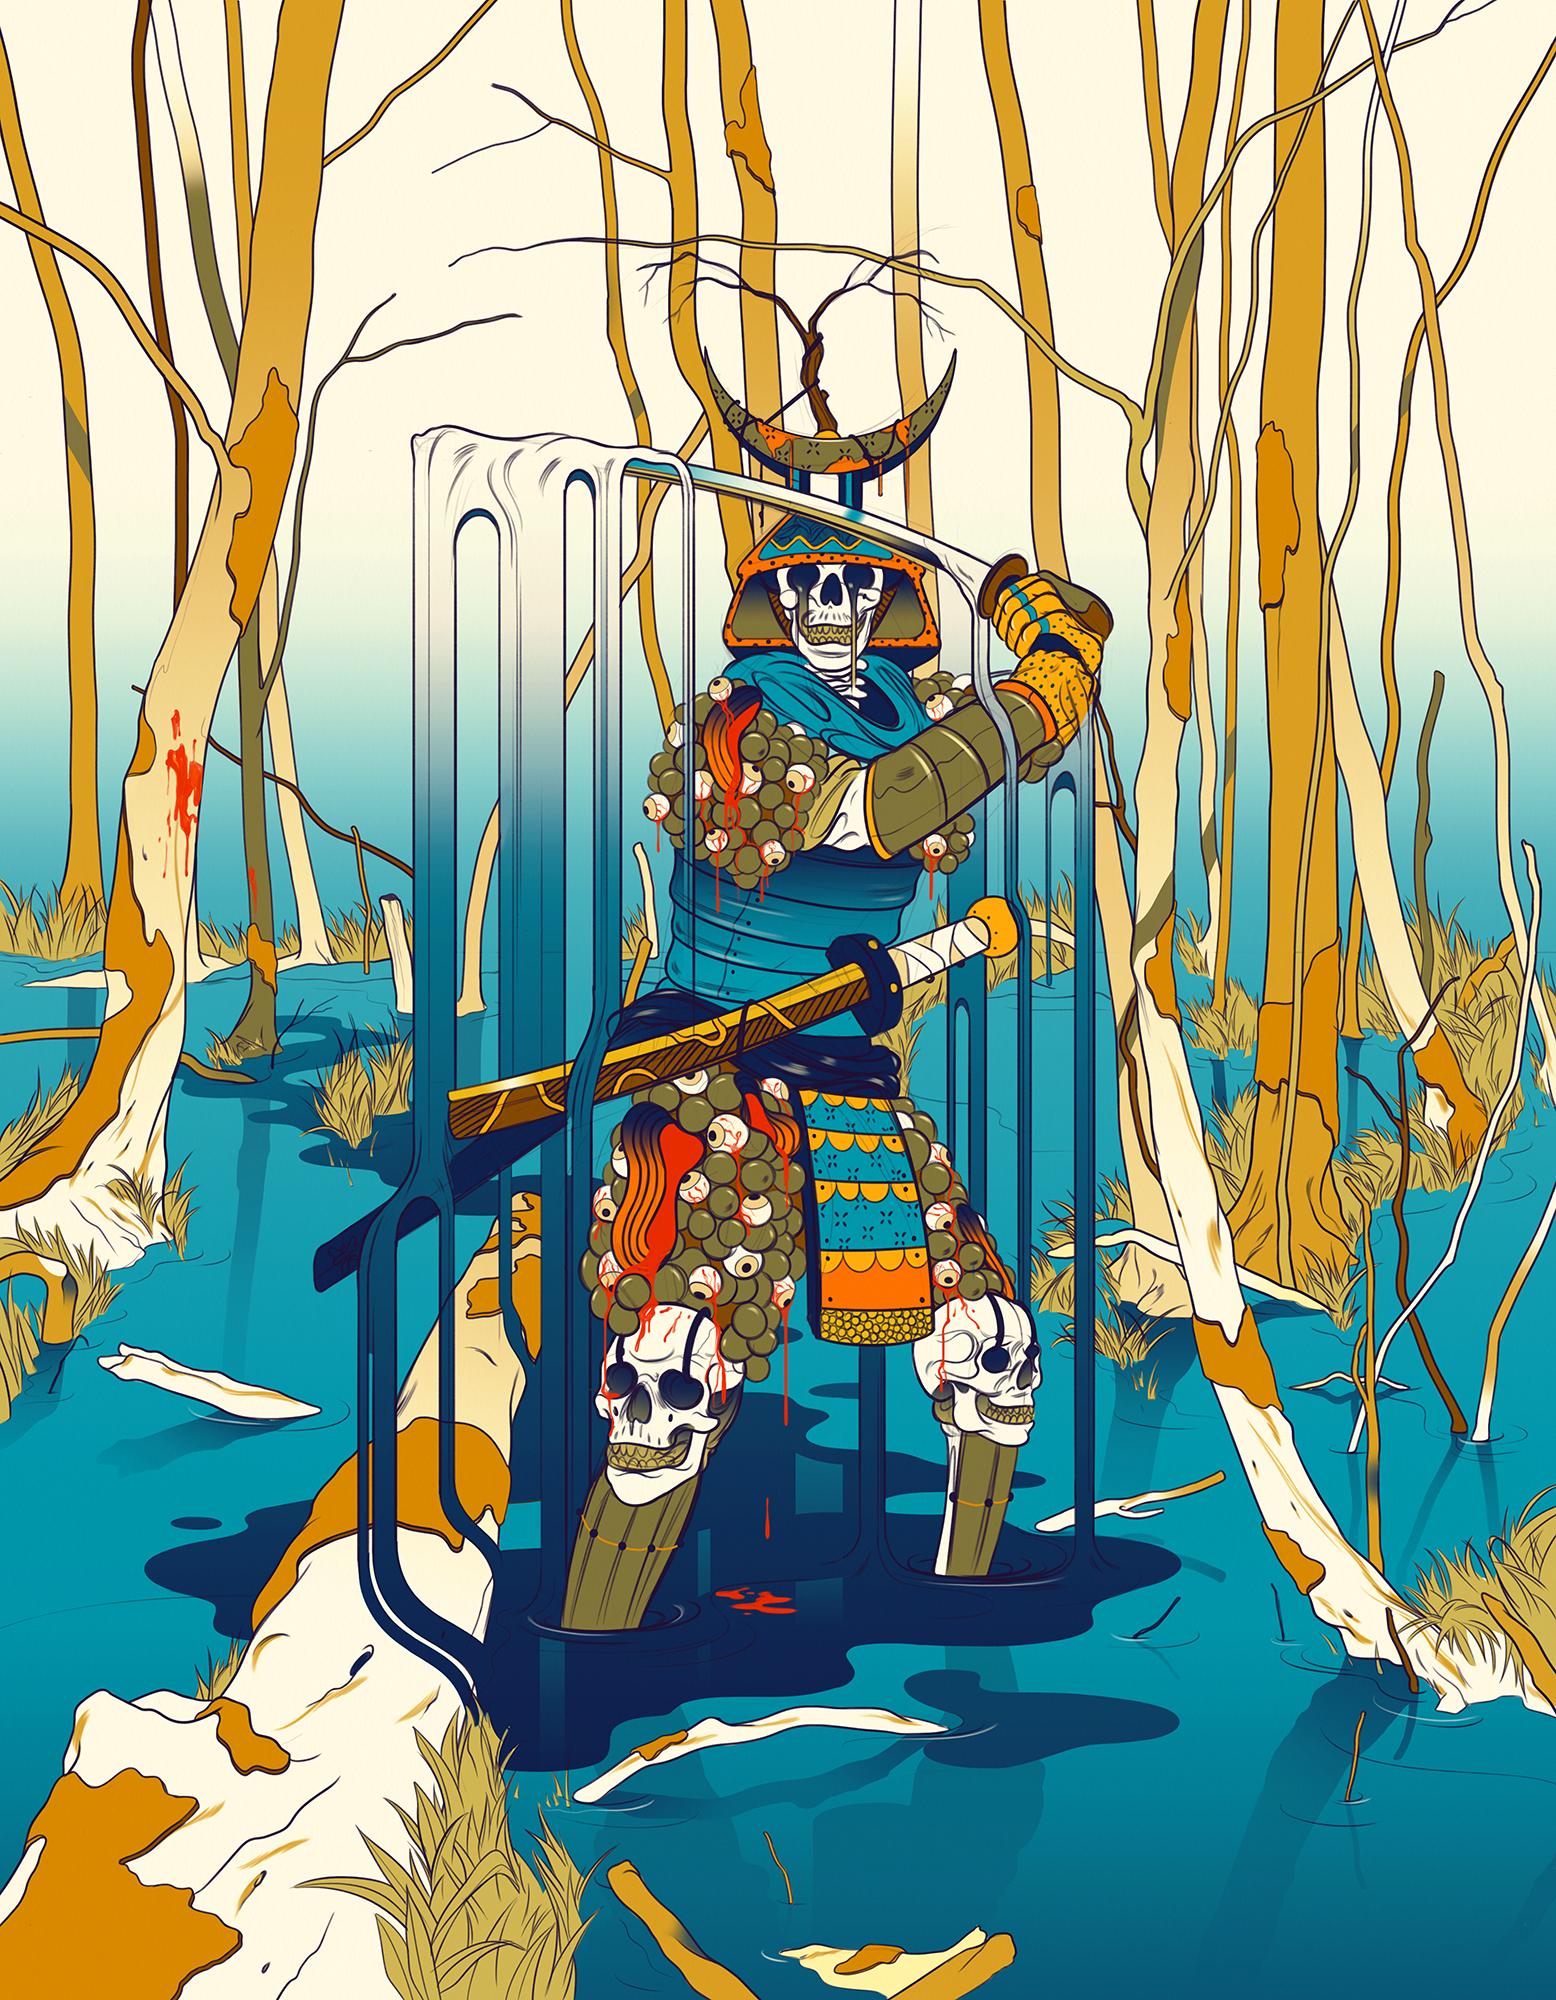 Fotos von Schwert Samurai Untoter Fantasy Sumpf